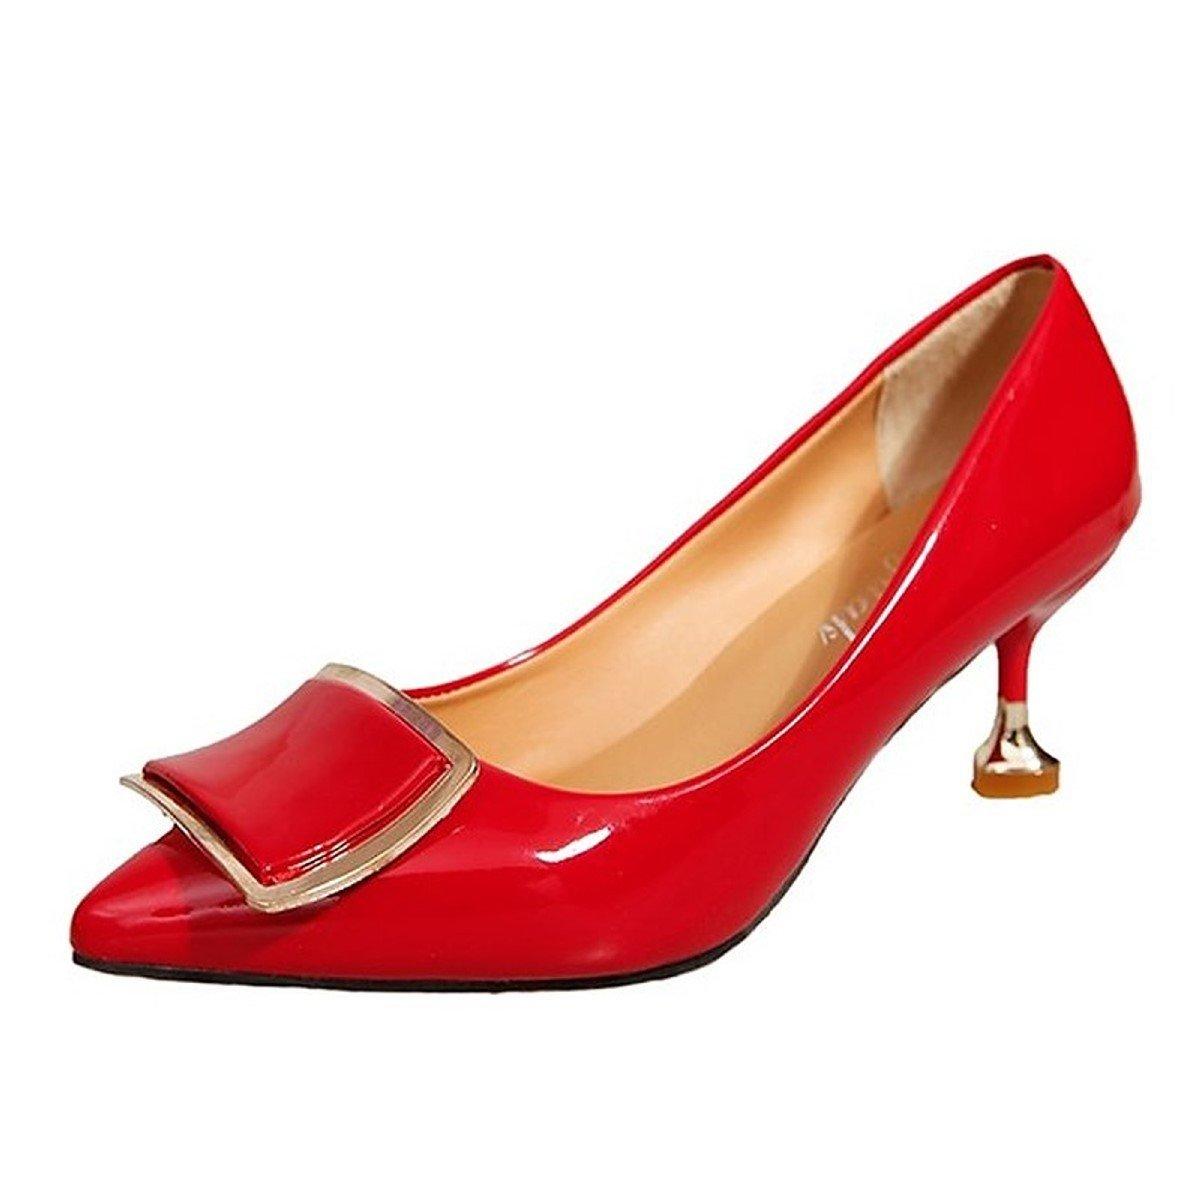 DIMAOL Damenschuhe PU Feder Fallen Komfort Heels Kitten Heel Schuhe Schuhe Heel für Casual Rot Beige Schwarz Rot 7df199